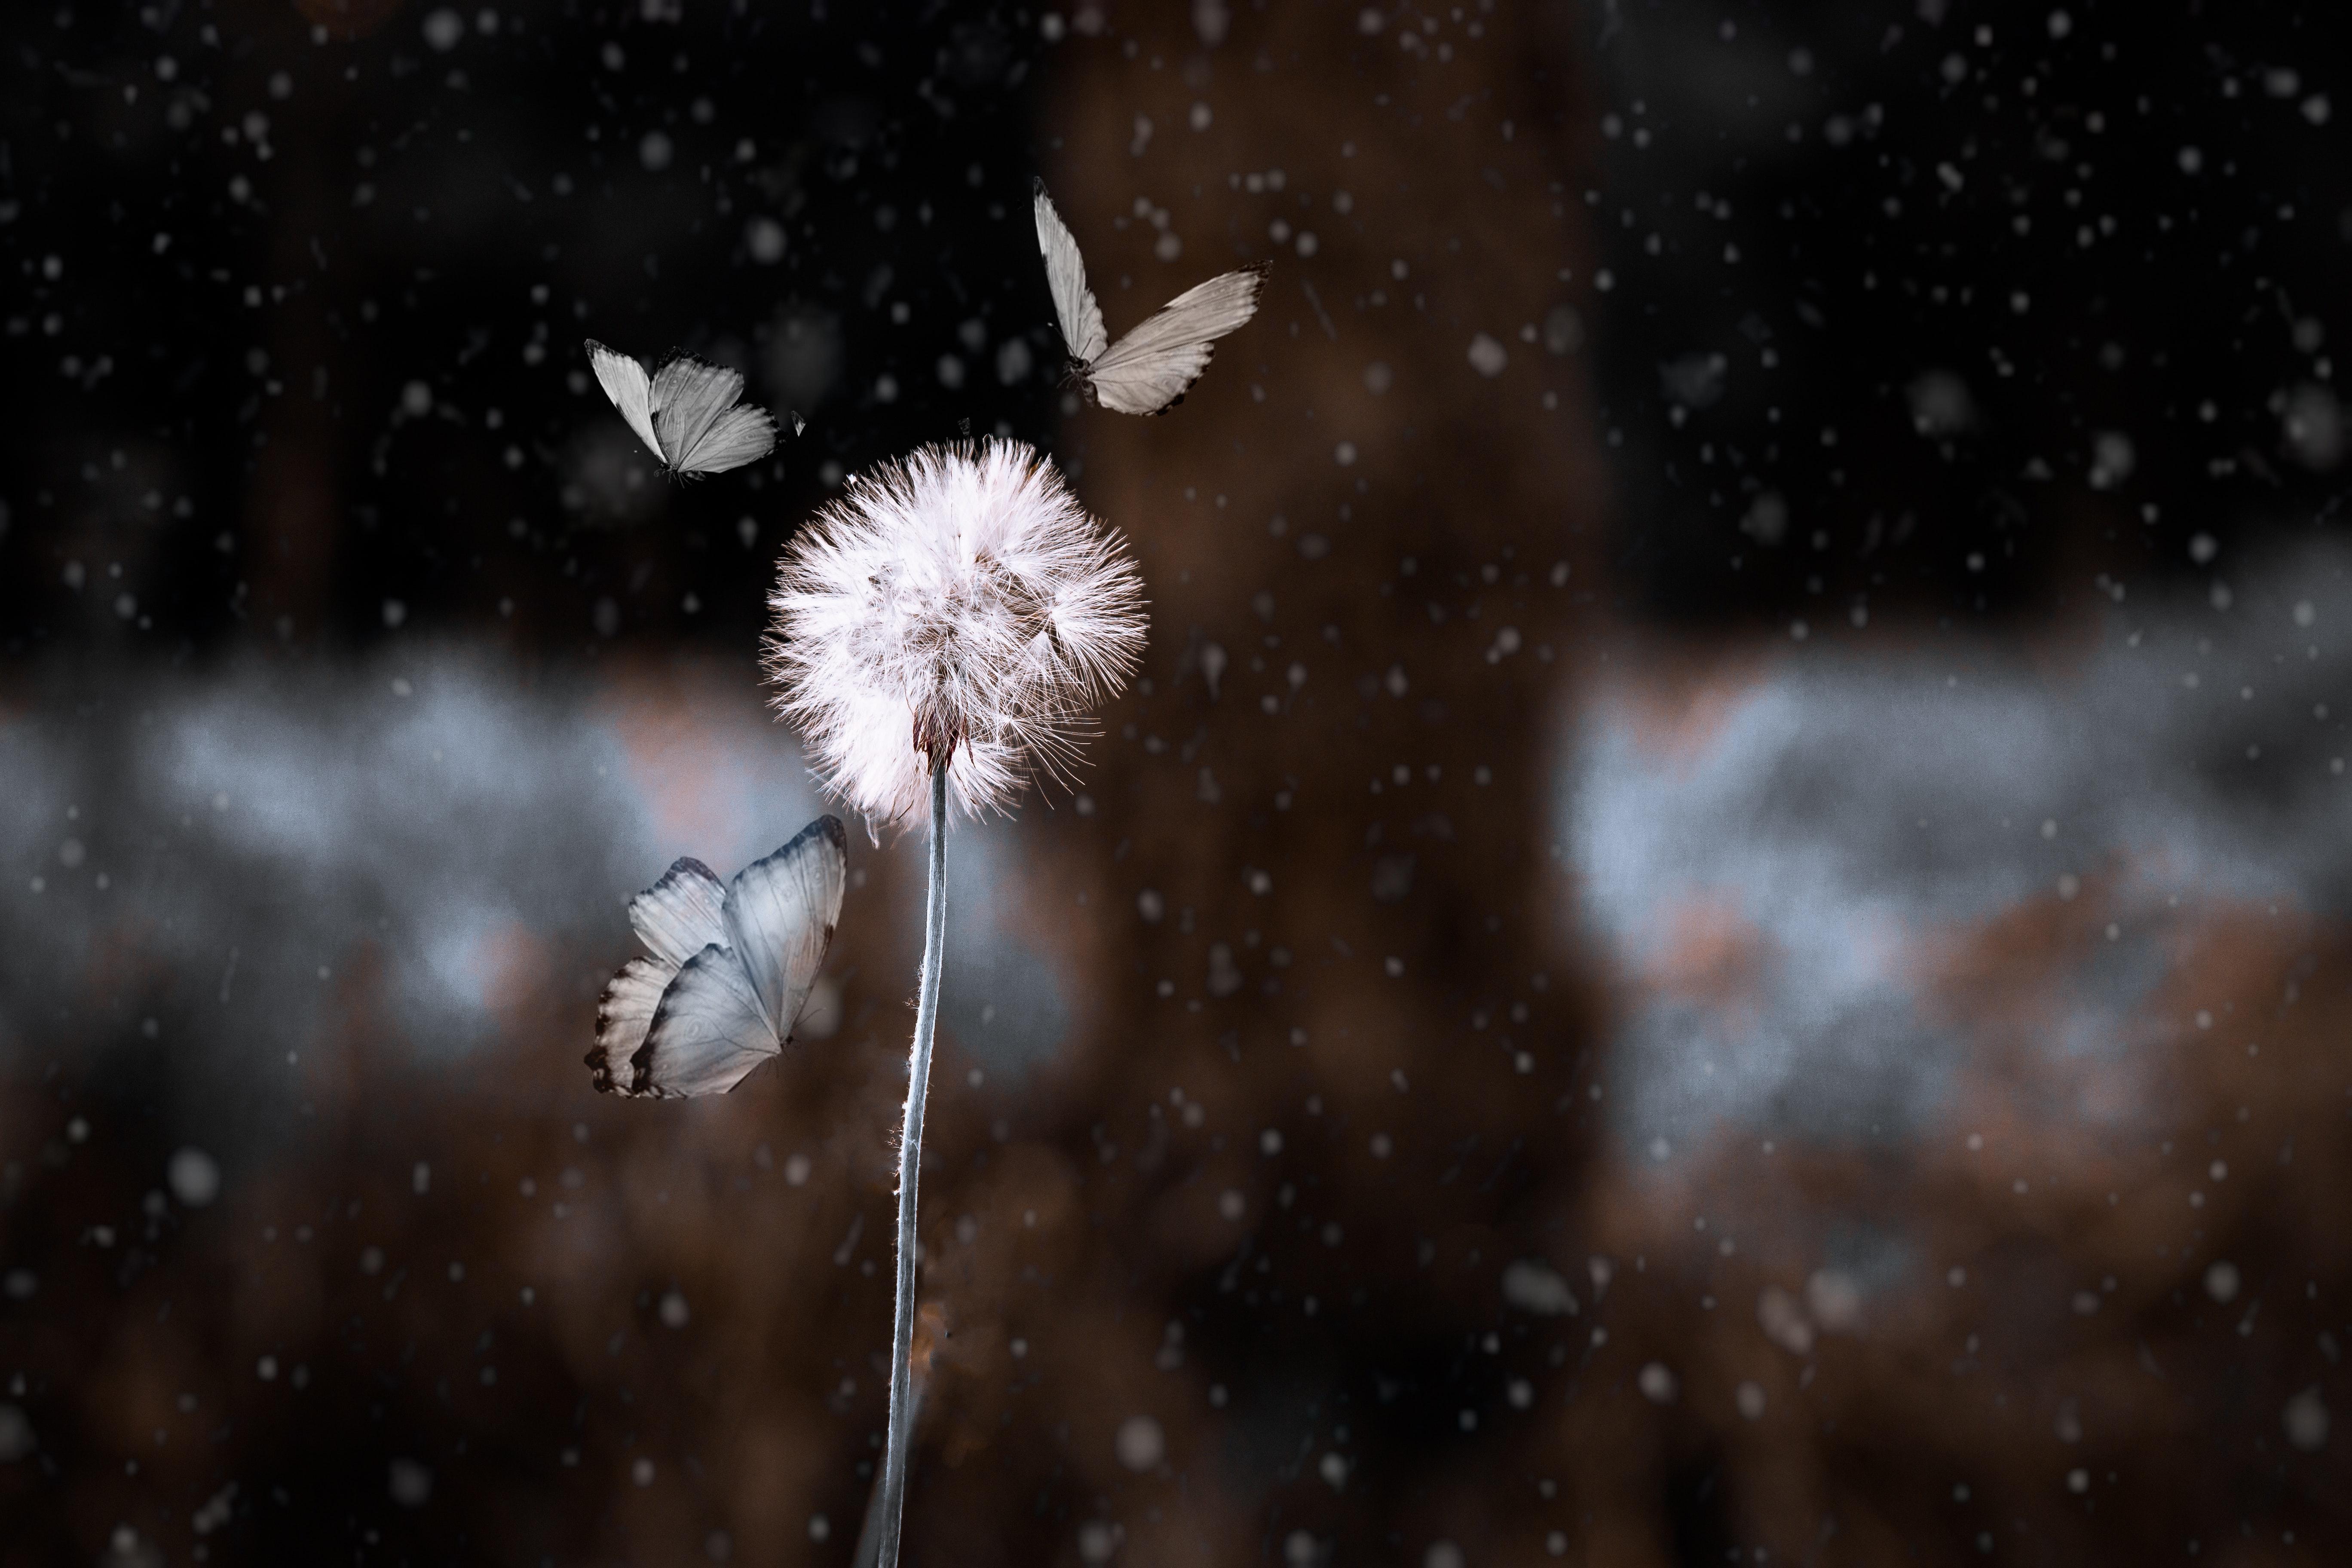 156612 скачать обои Бабочки, Цветок, Макро, Размытость, Насекомое, Фотошоп, Одуванчик - заставки и картинки бесплатно